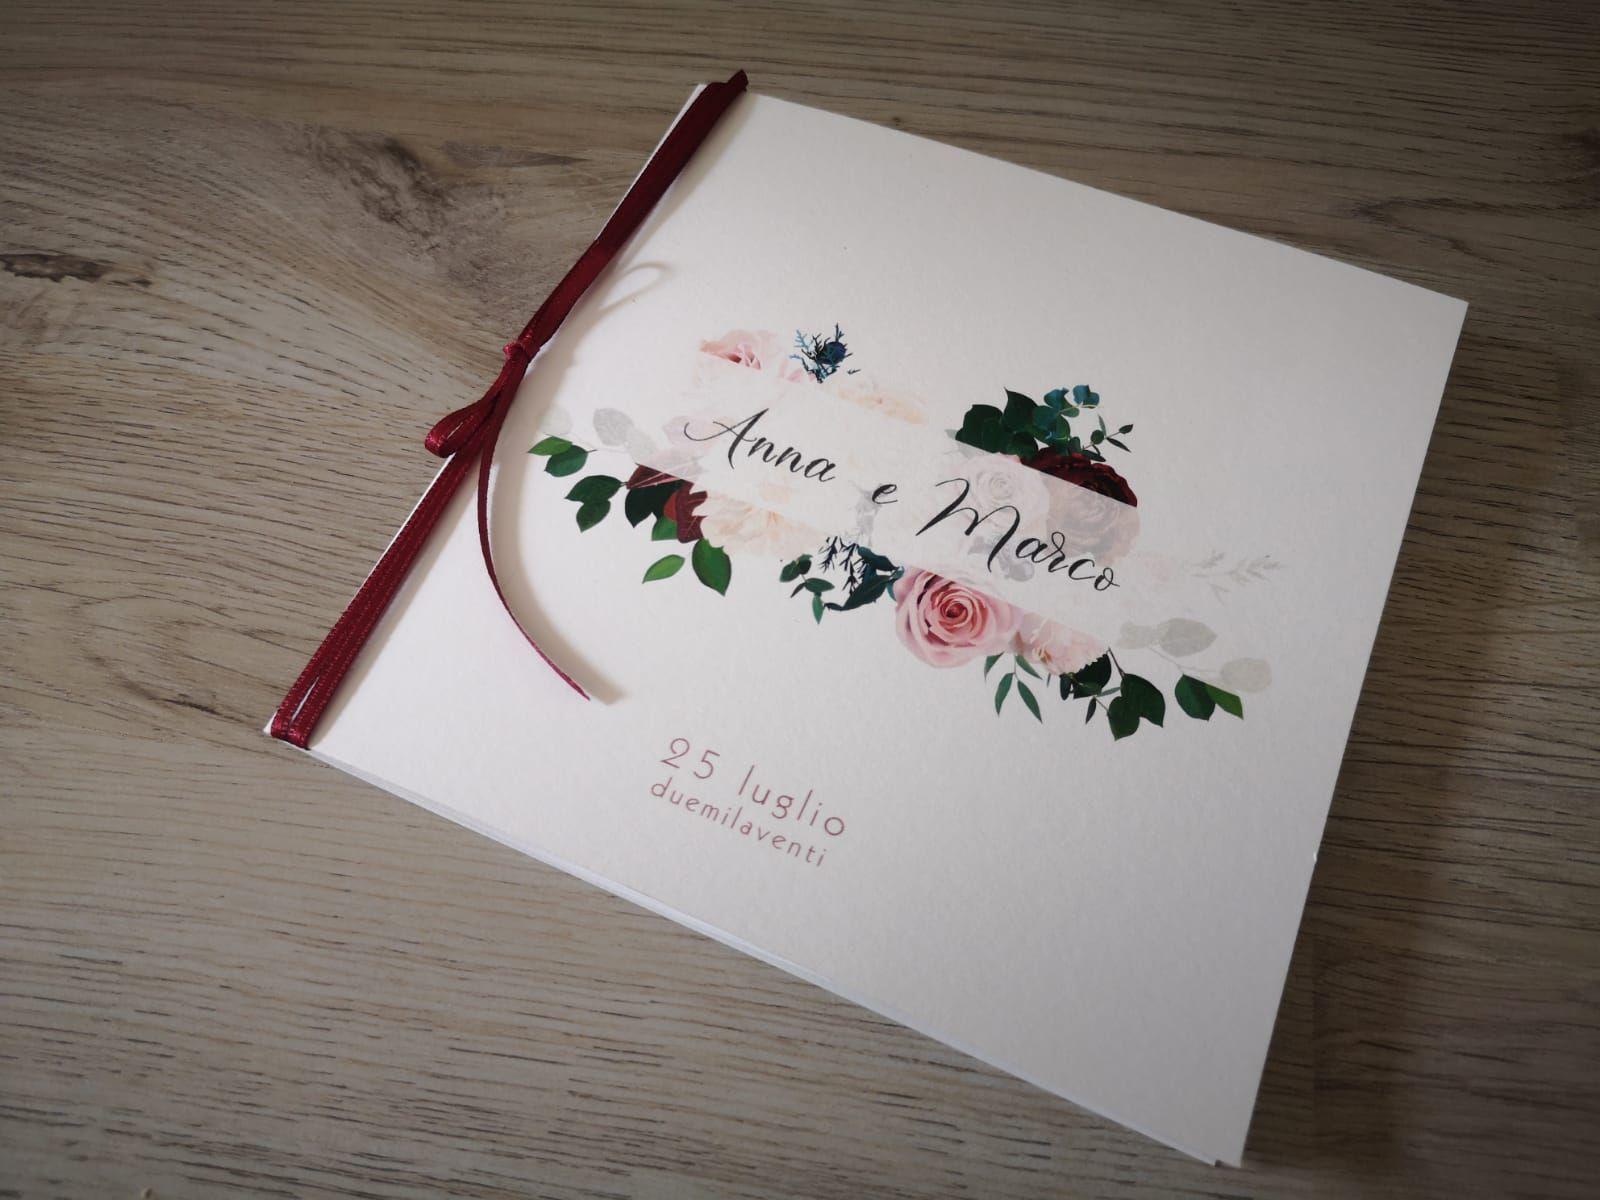 Libretto Messa Matrimonio Floreale Chiesa O Cerimonia Civile Church Wedding Ceremony Booklet Nel 2020 Matrimonio Floreale Partecipazioni Nozze Cerimonia Civile